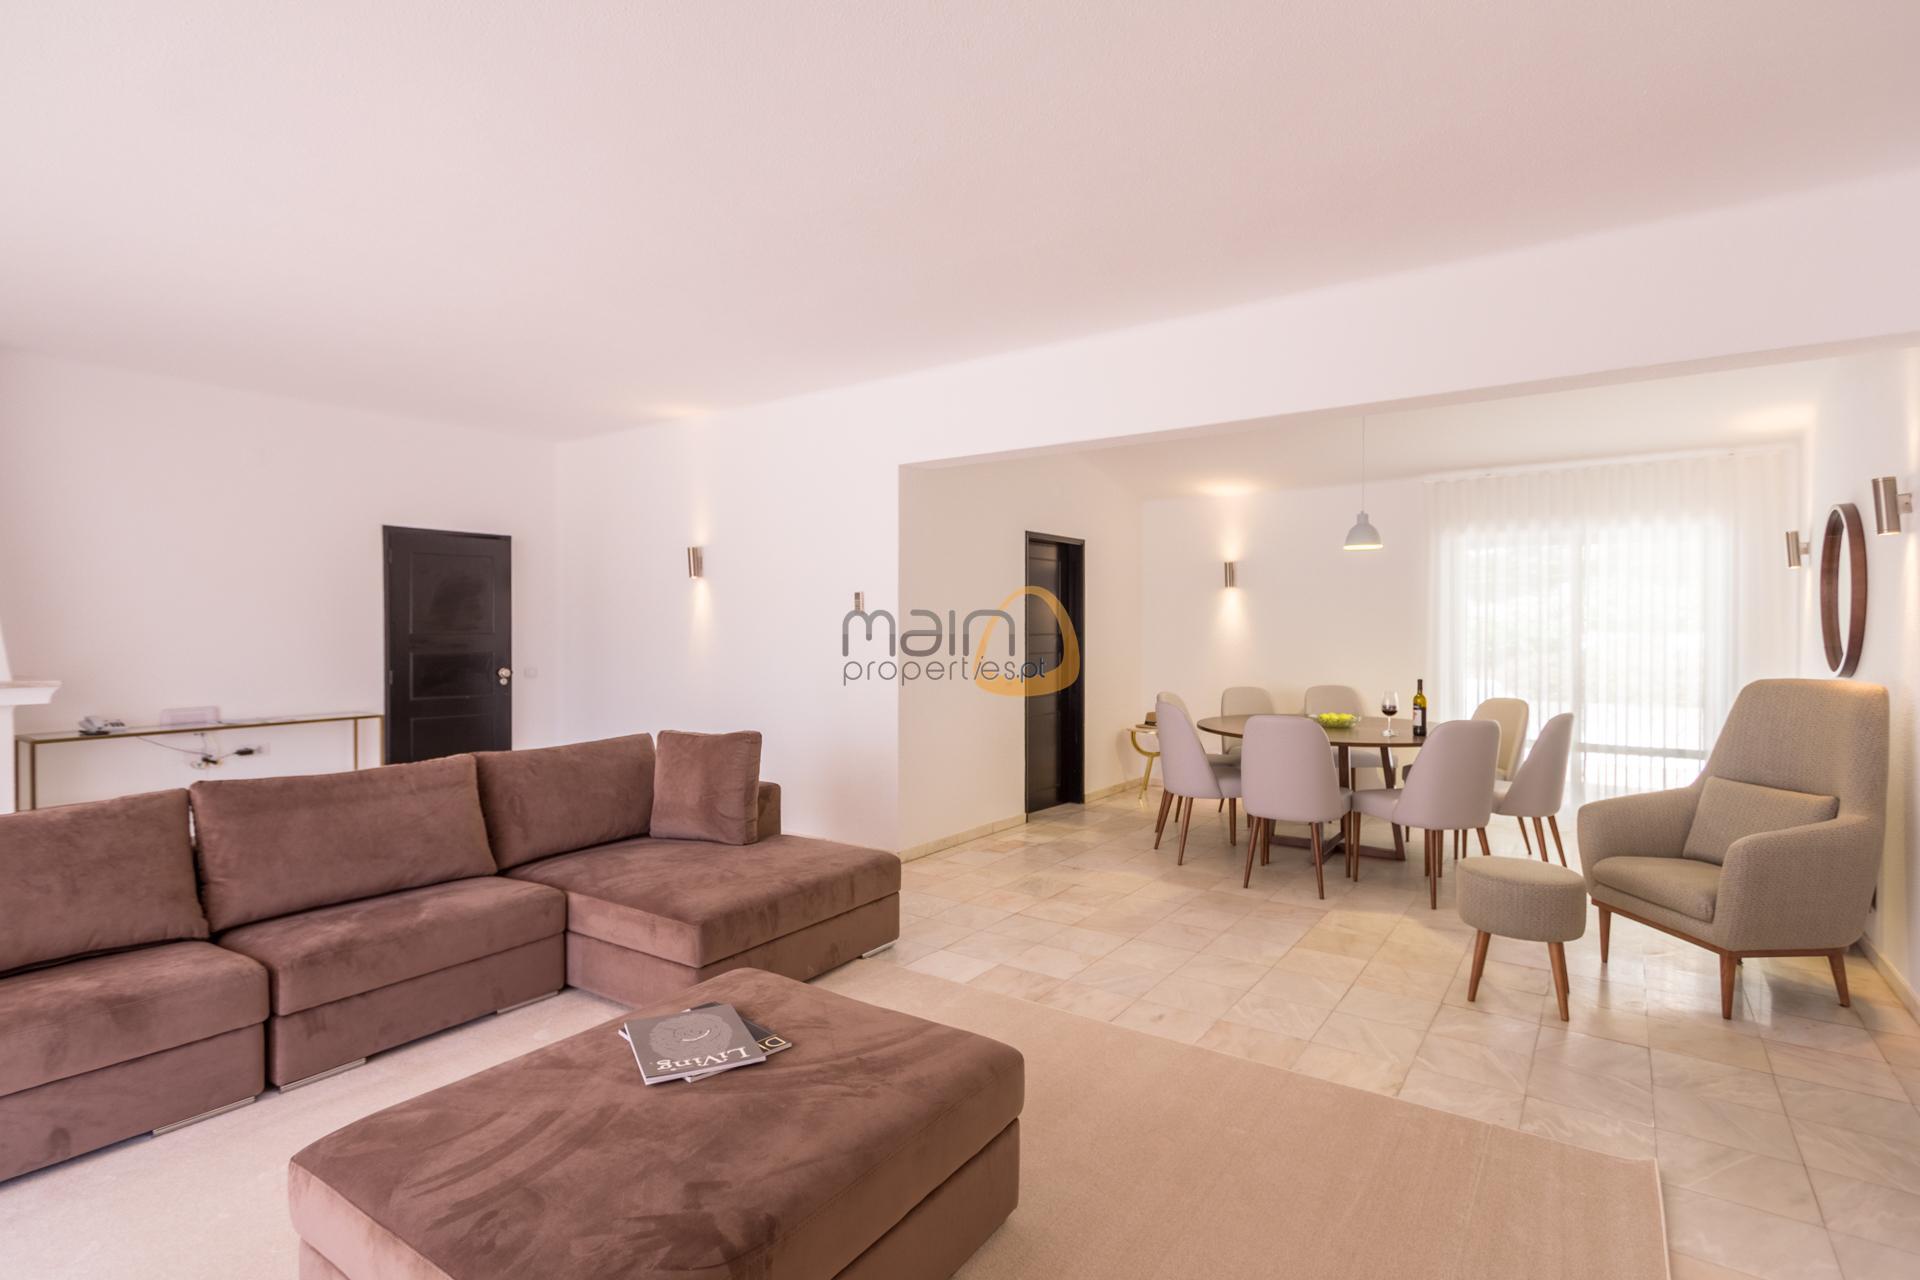 villa-in-vale-do-lobo-algarve-golden-triangle-portugal-property-real-estate-mainproperties-mp139vdl-4